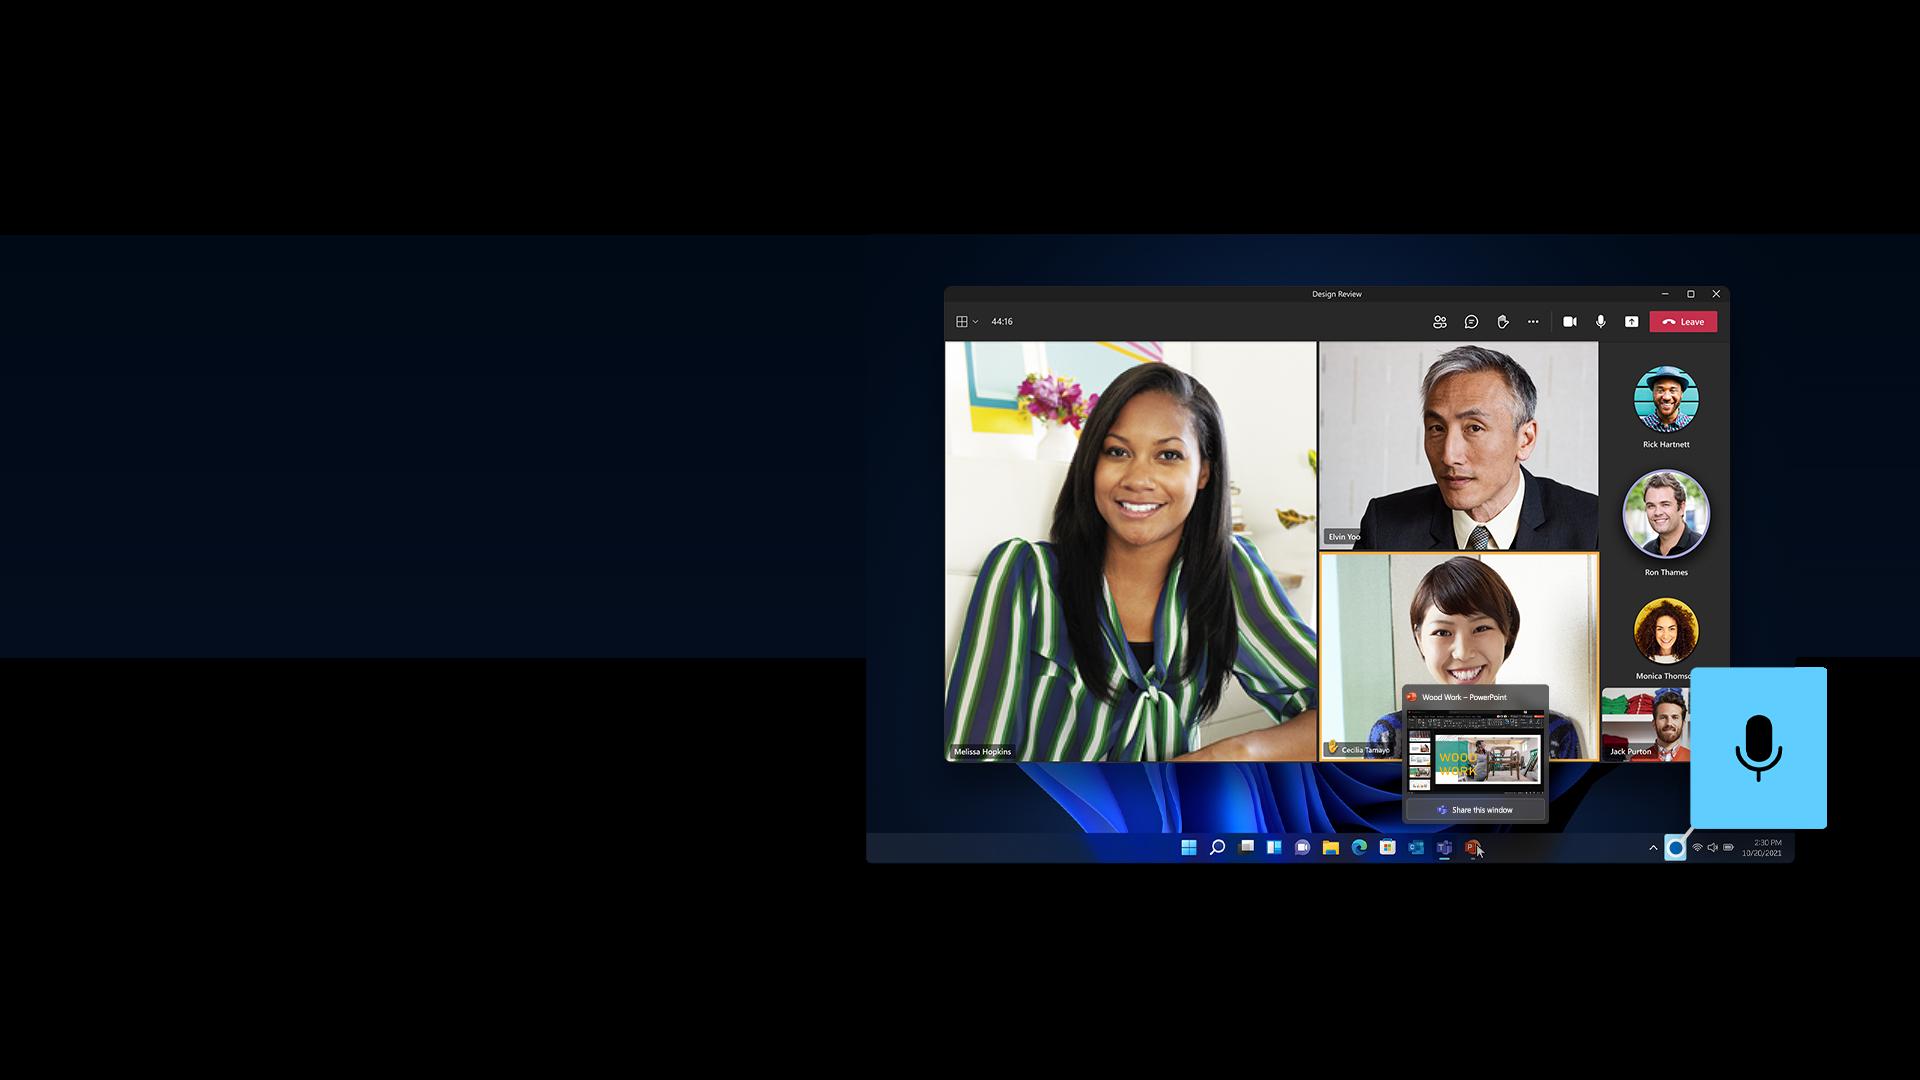 Tela do Windows 11 com Microsoft Teams, PowerPoint e recurso universal de mudo